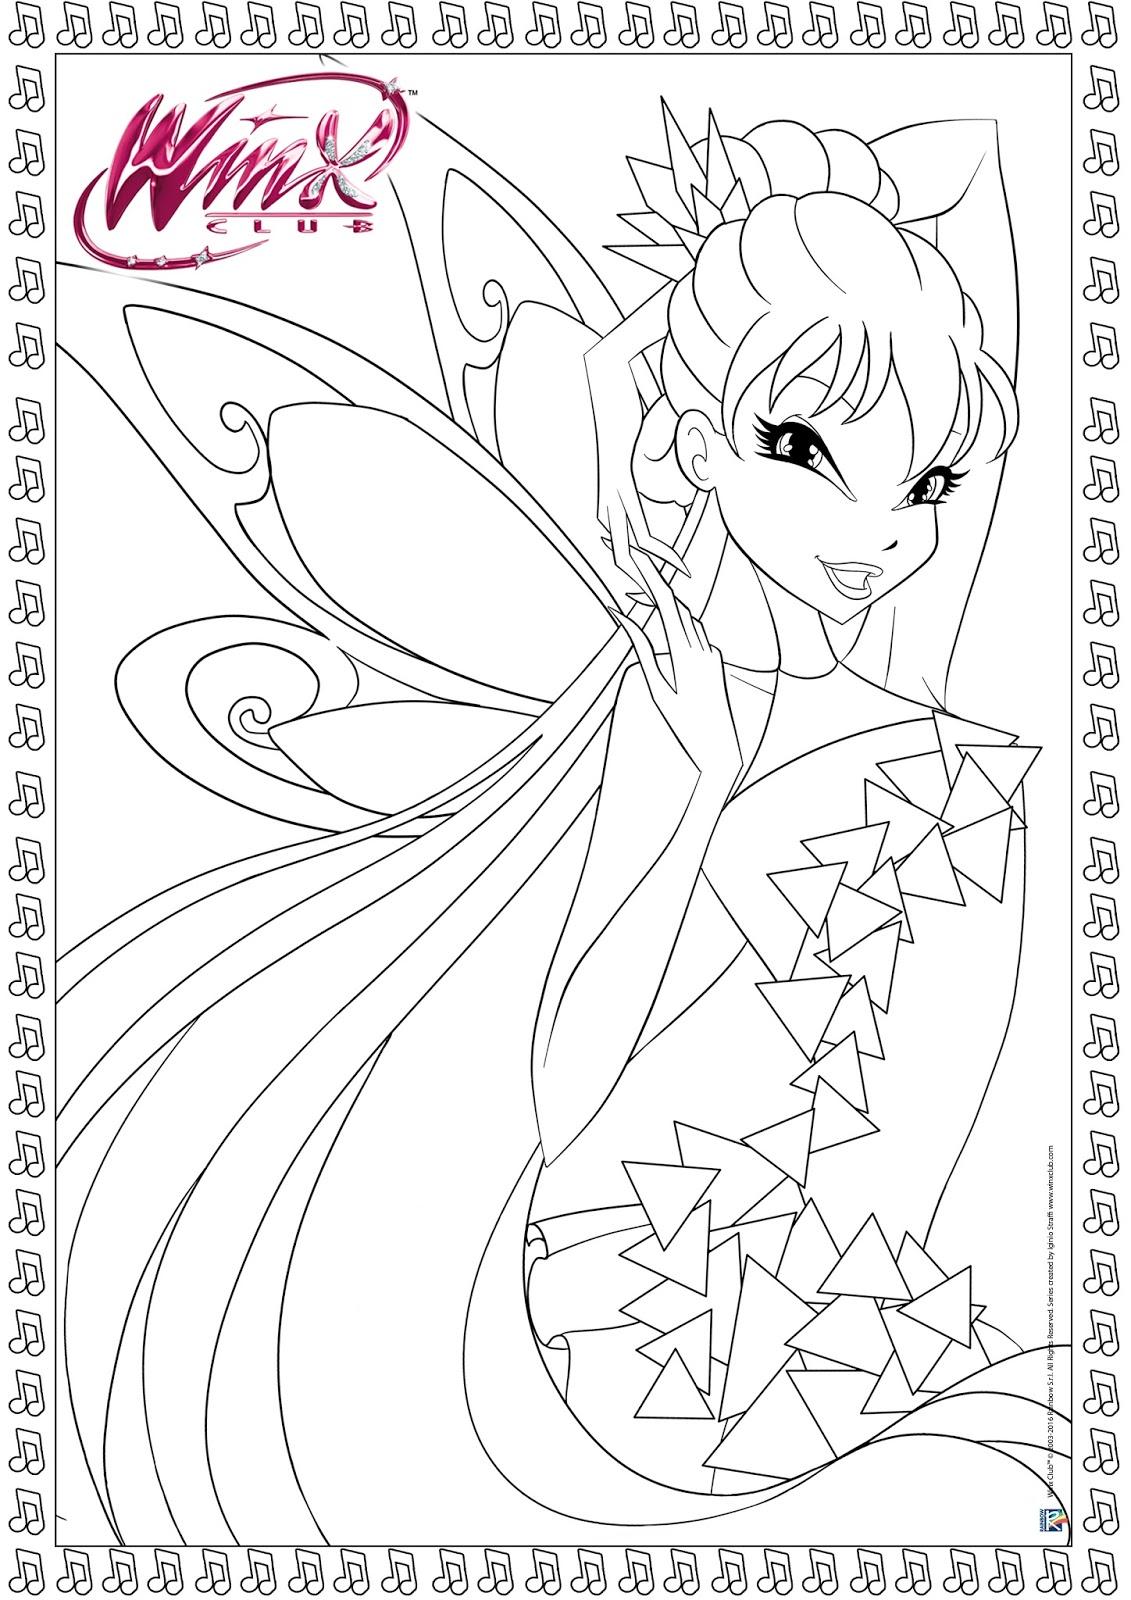 Winx Tynix Da Colorare Winx Club Coloring Pages Tynixa Con Winx